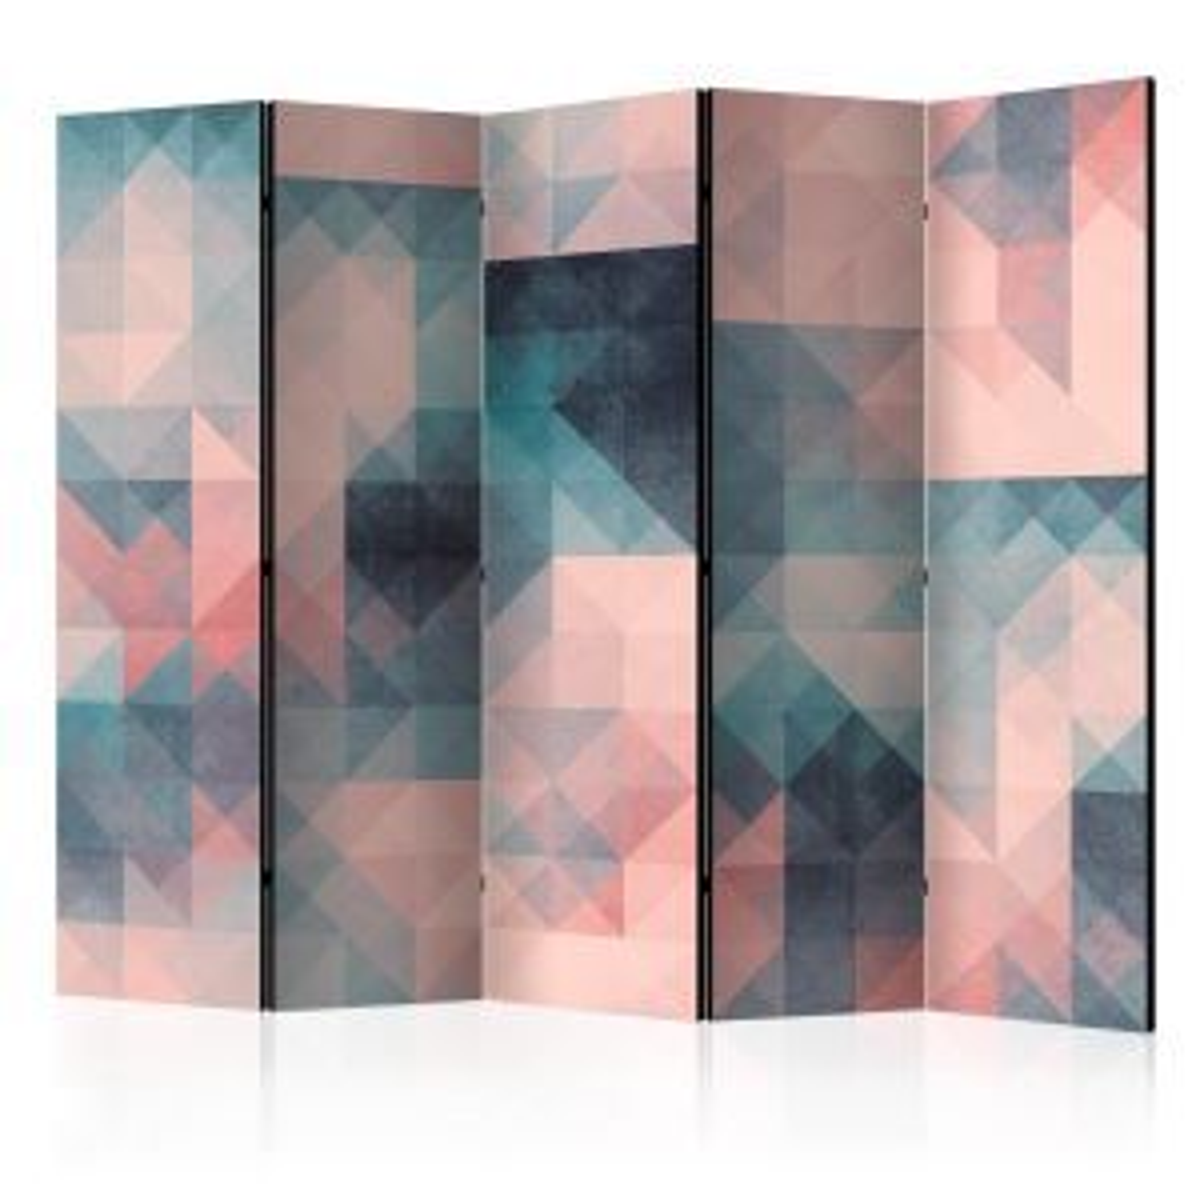 Parawan 5-częściowy - Piksele (zielono-różowy) II [Room Dividers]